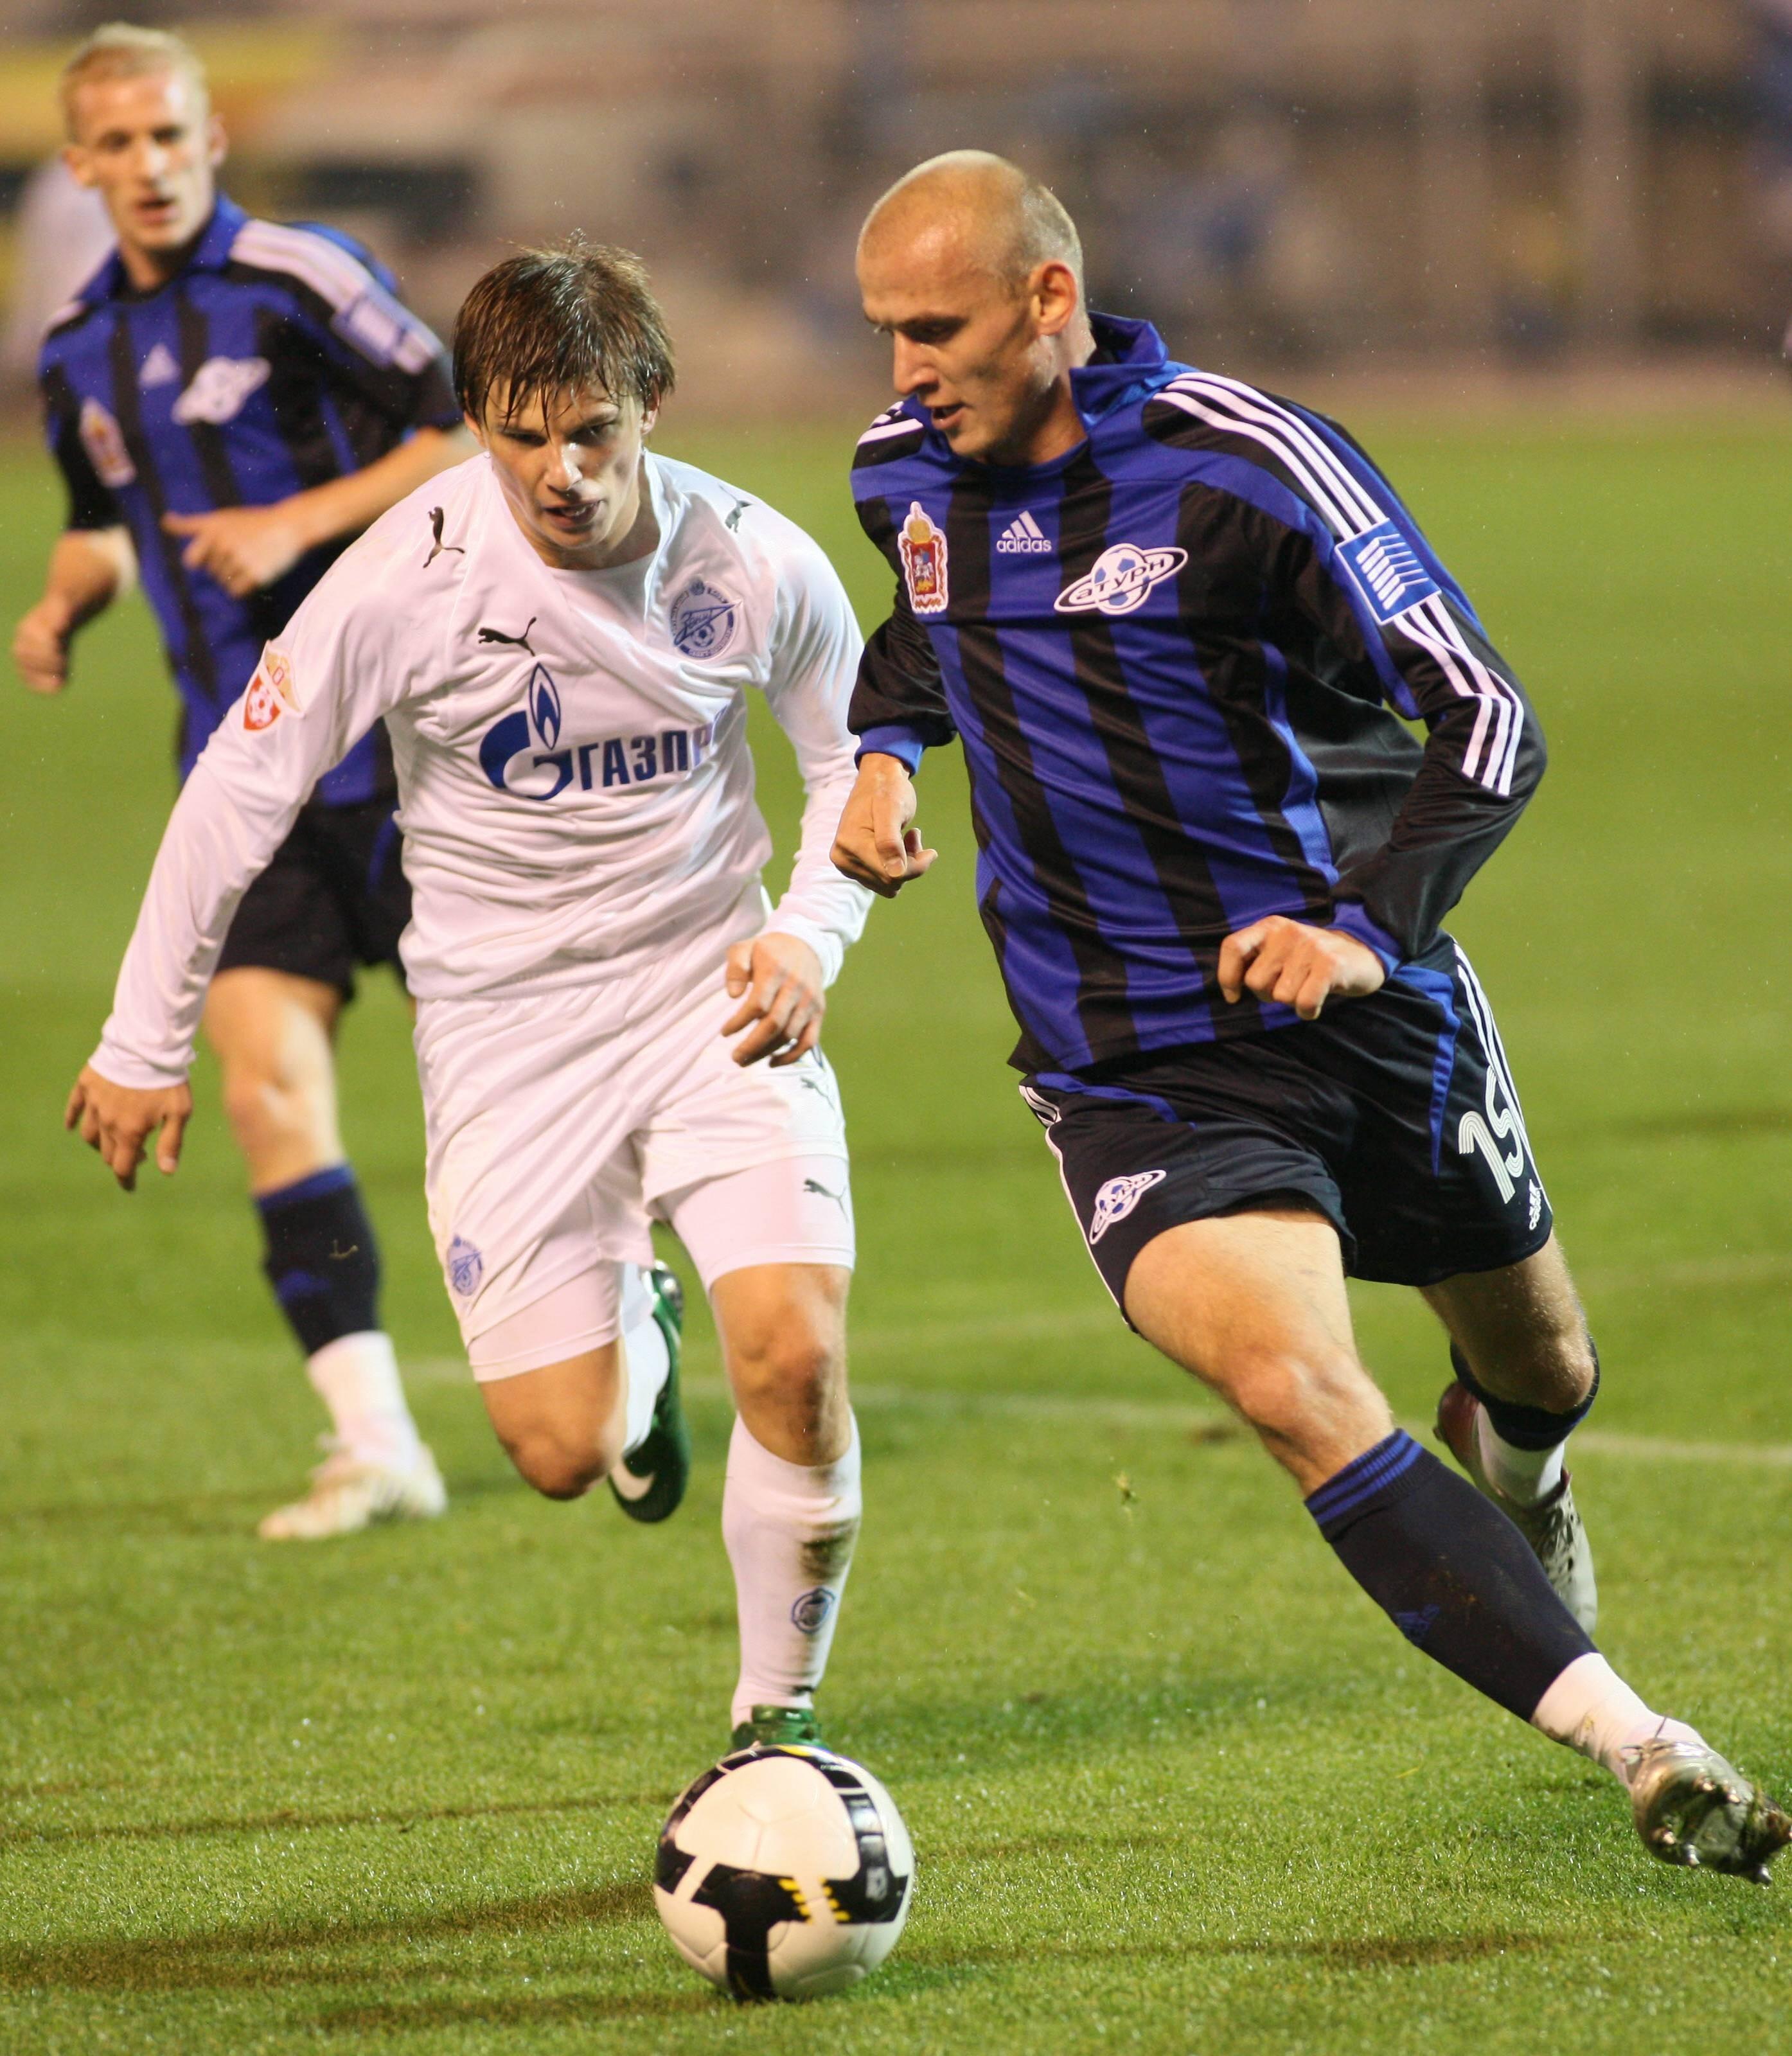 Фурсенко урежут полномочия, нового тренера еще ненашли